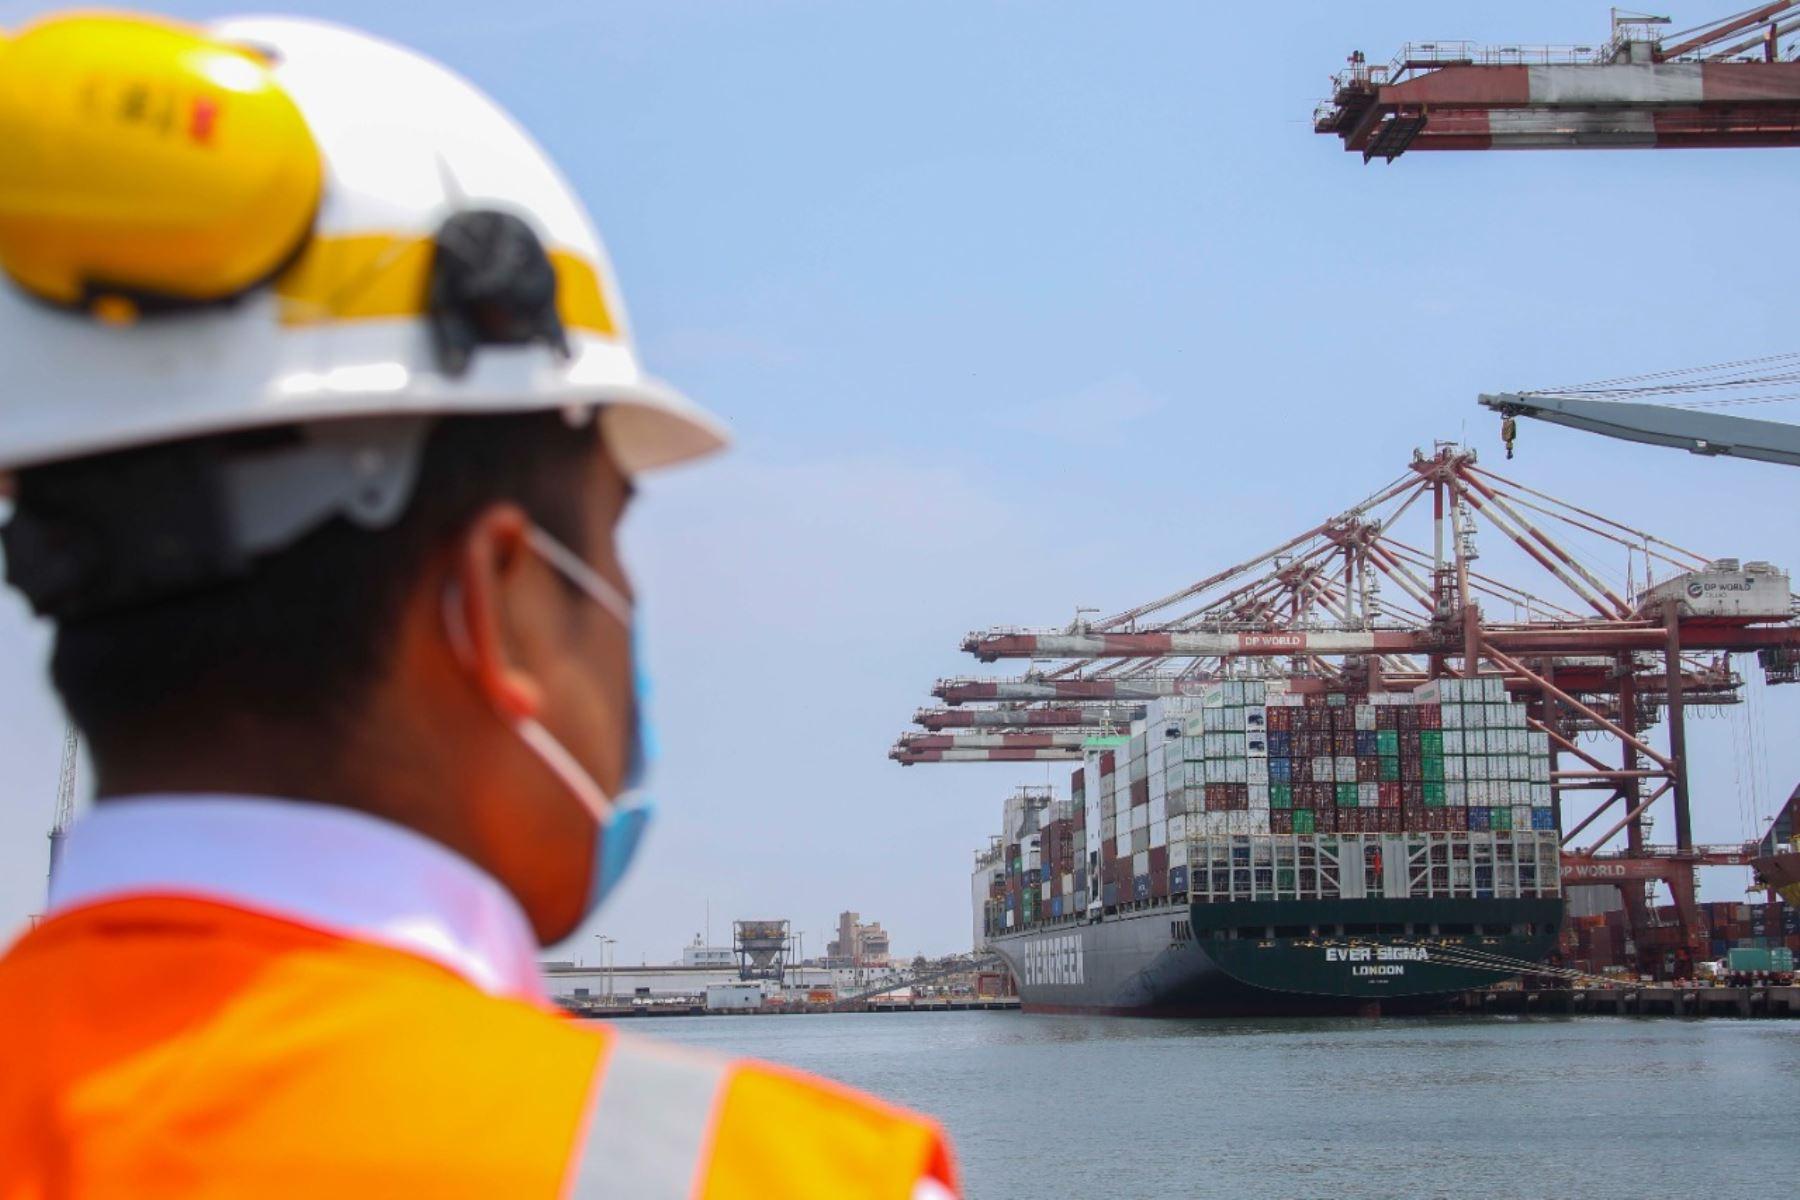 se-transportaron-mas-de-11000-toneladas-de-mercancia-mediante-cabotaje-maritimo